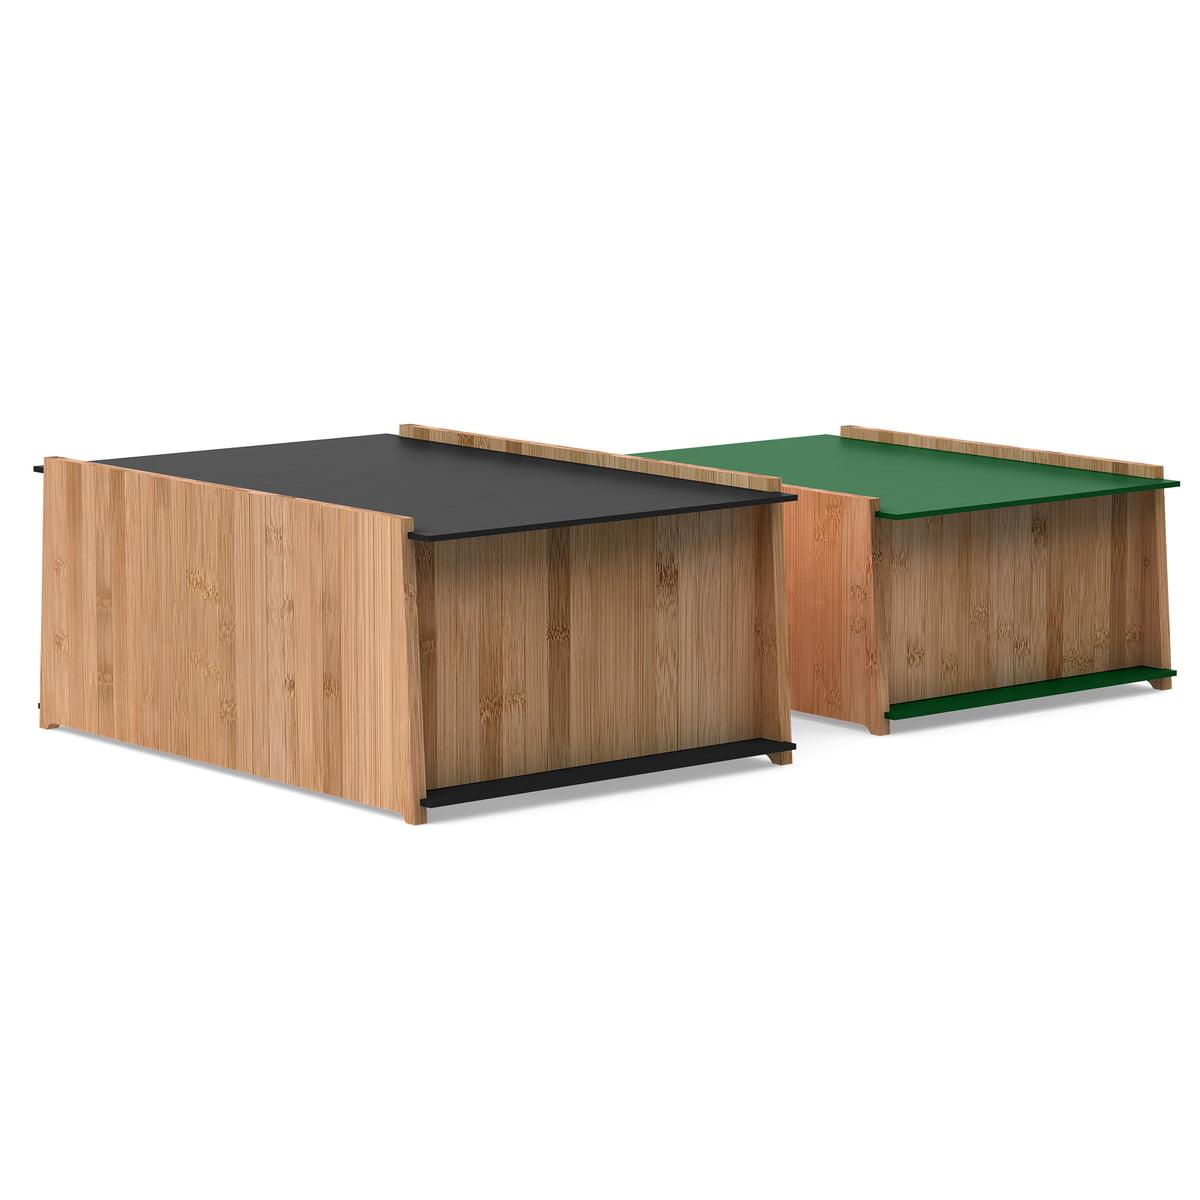 chest 1 2 aufbewahrungskisten von we do wood. Black Bedroom Furniture Sets. Home Design Ideas